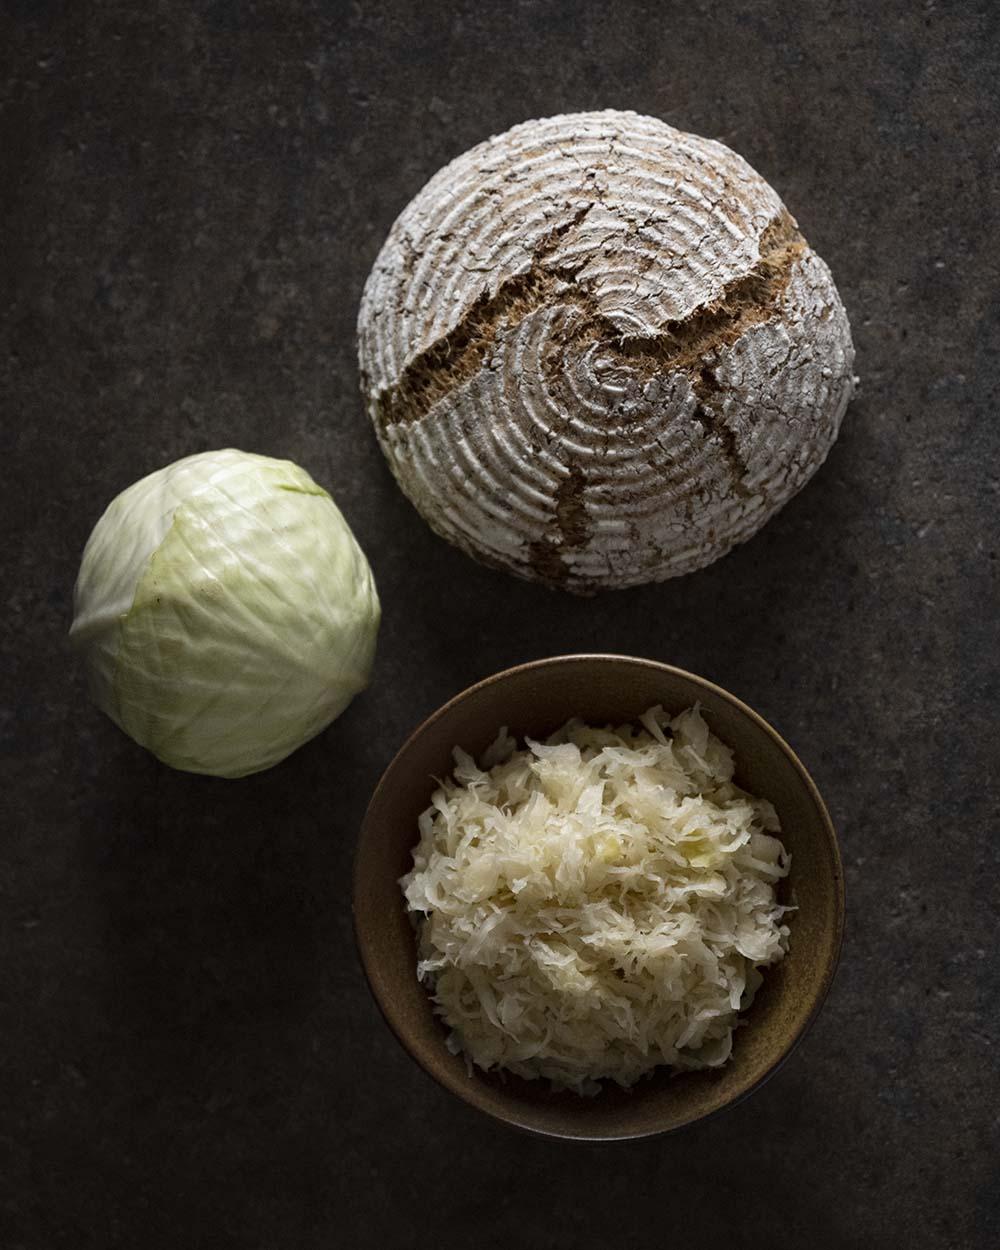 Ein Foto von oben: Zu sehen sind darauf ein Kopf Weißkohl, eine Schale mit frischem Sauerkraut und ein fertig gebackenes Sauerkrautbrot.